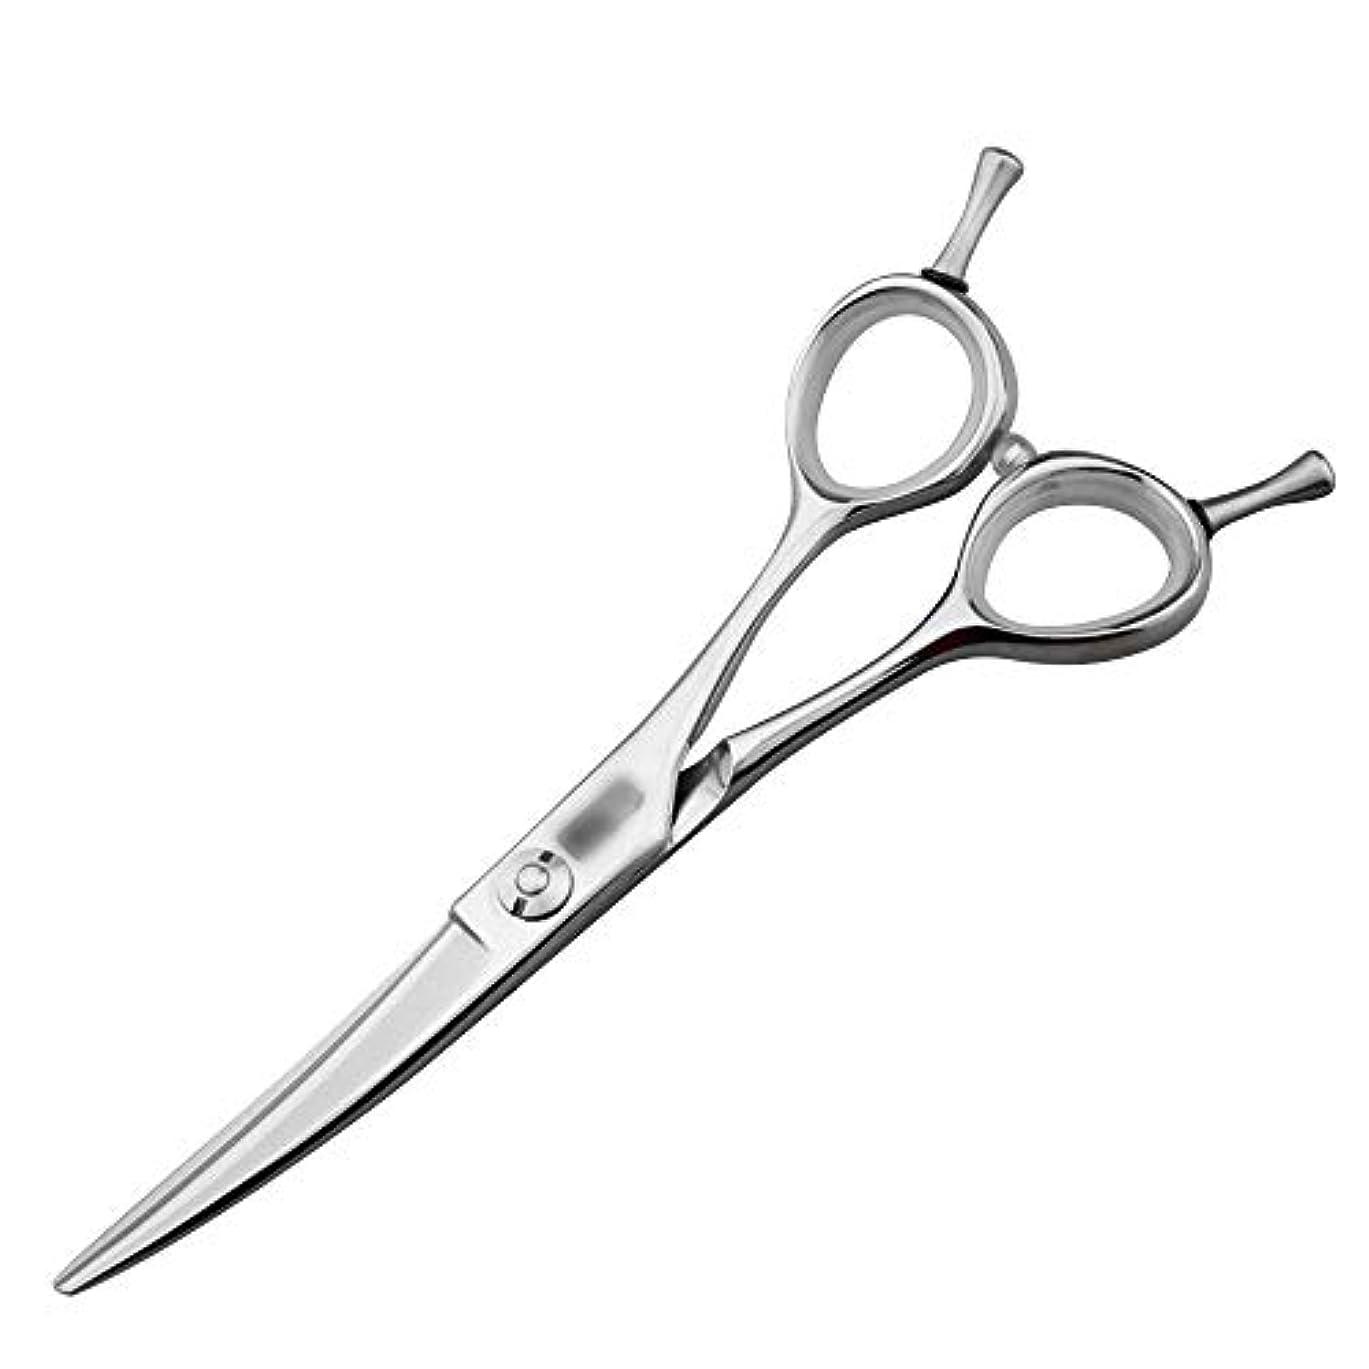 宿適応的探検5.5インチの美容院の専門の上限の理髪はさみ、専門の注文の平らなはさみはさみ ヘアケア (色 : Silver)